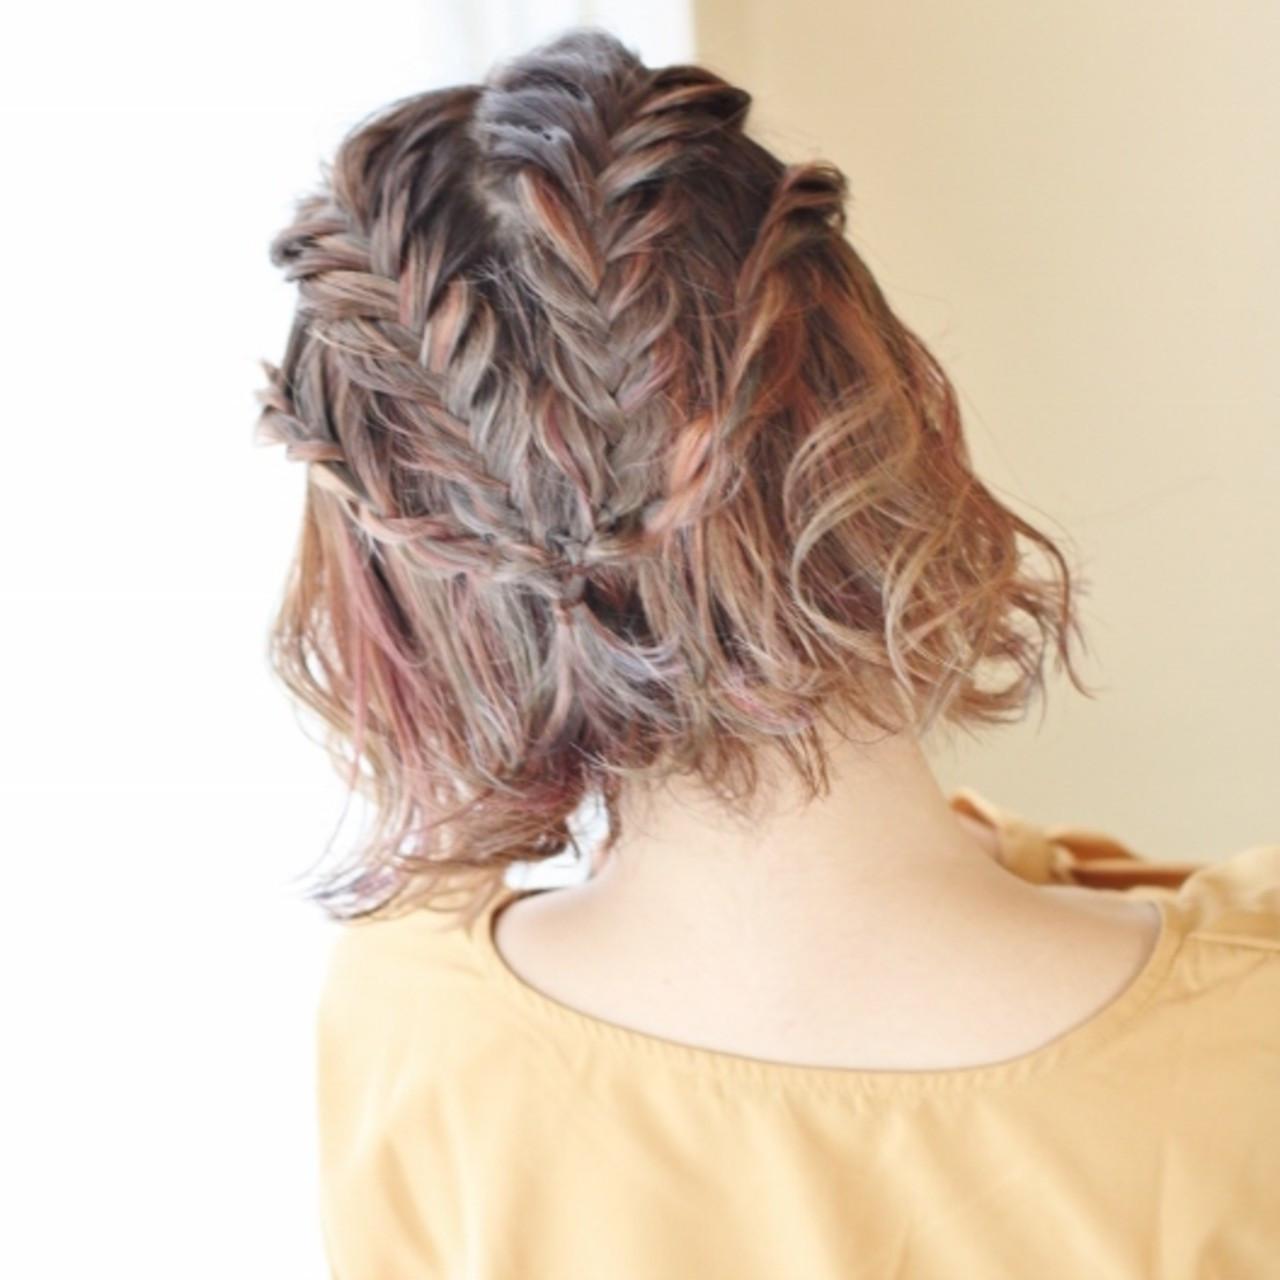 簡単ヘアアレンジ ショート ヘアアレンジ フィッシュボーン ヘアスタイルや髪型の写真・画像